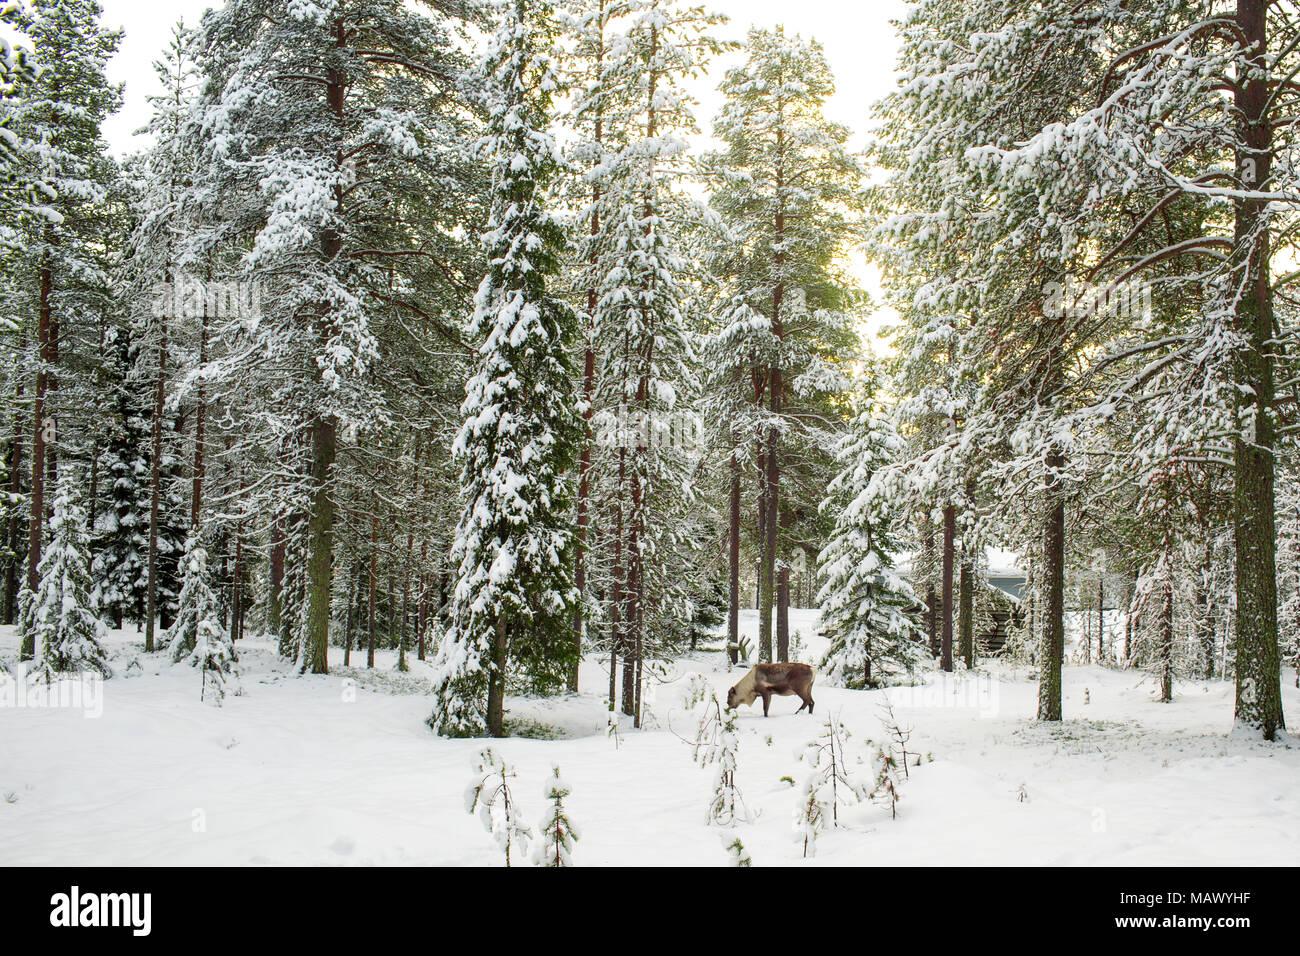 Hermosa vista panorámica del bosque nevado con altos pinos y renos durante el invierno en Laponia, Finlandia, la temporada de Navidad Saludo Foto de stock